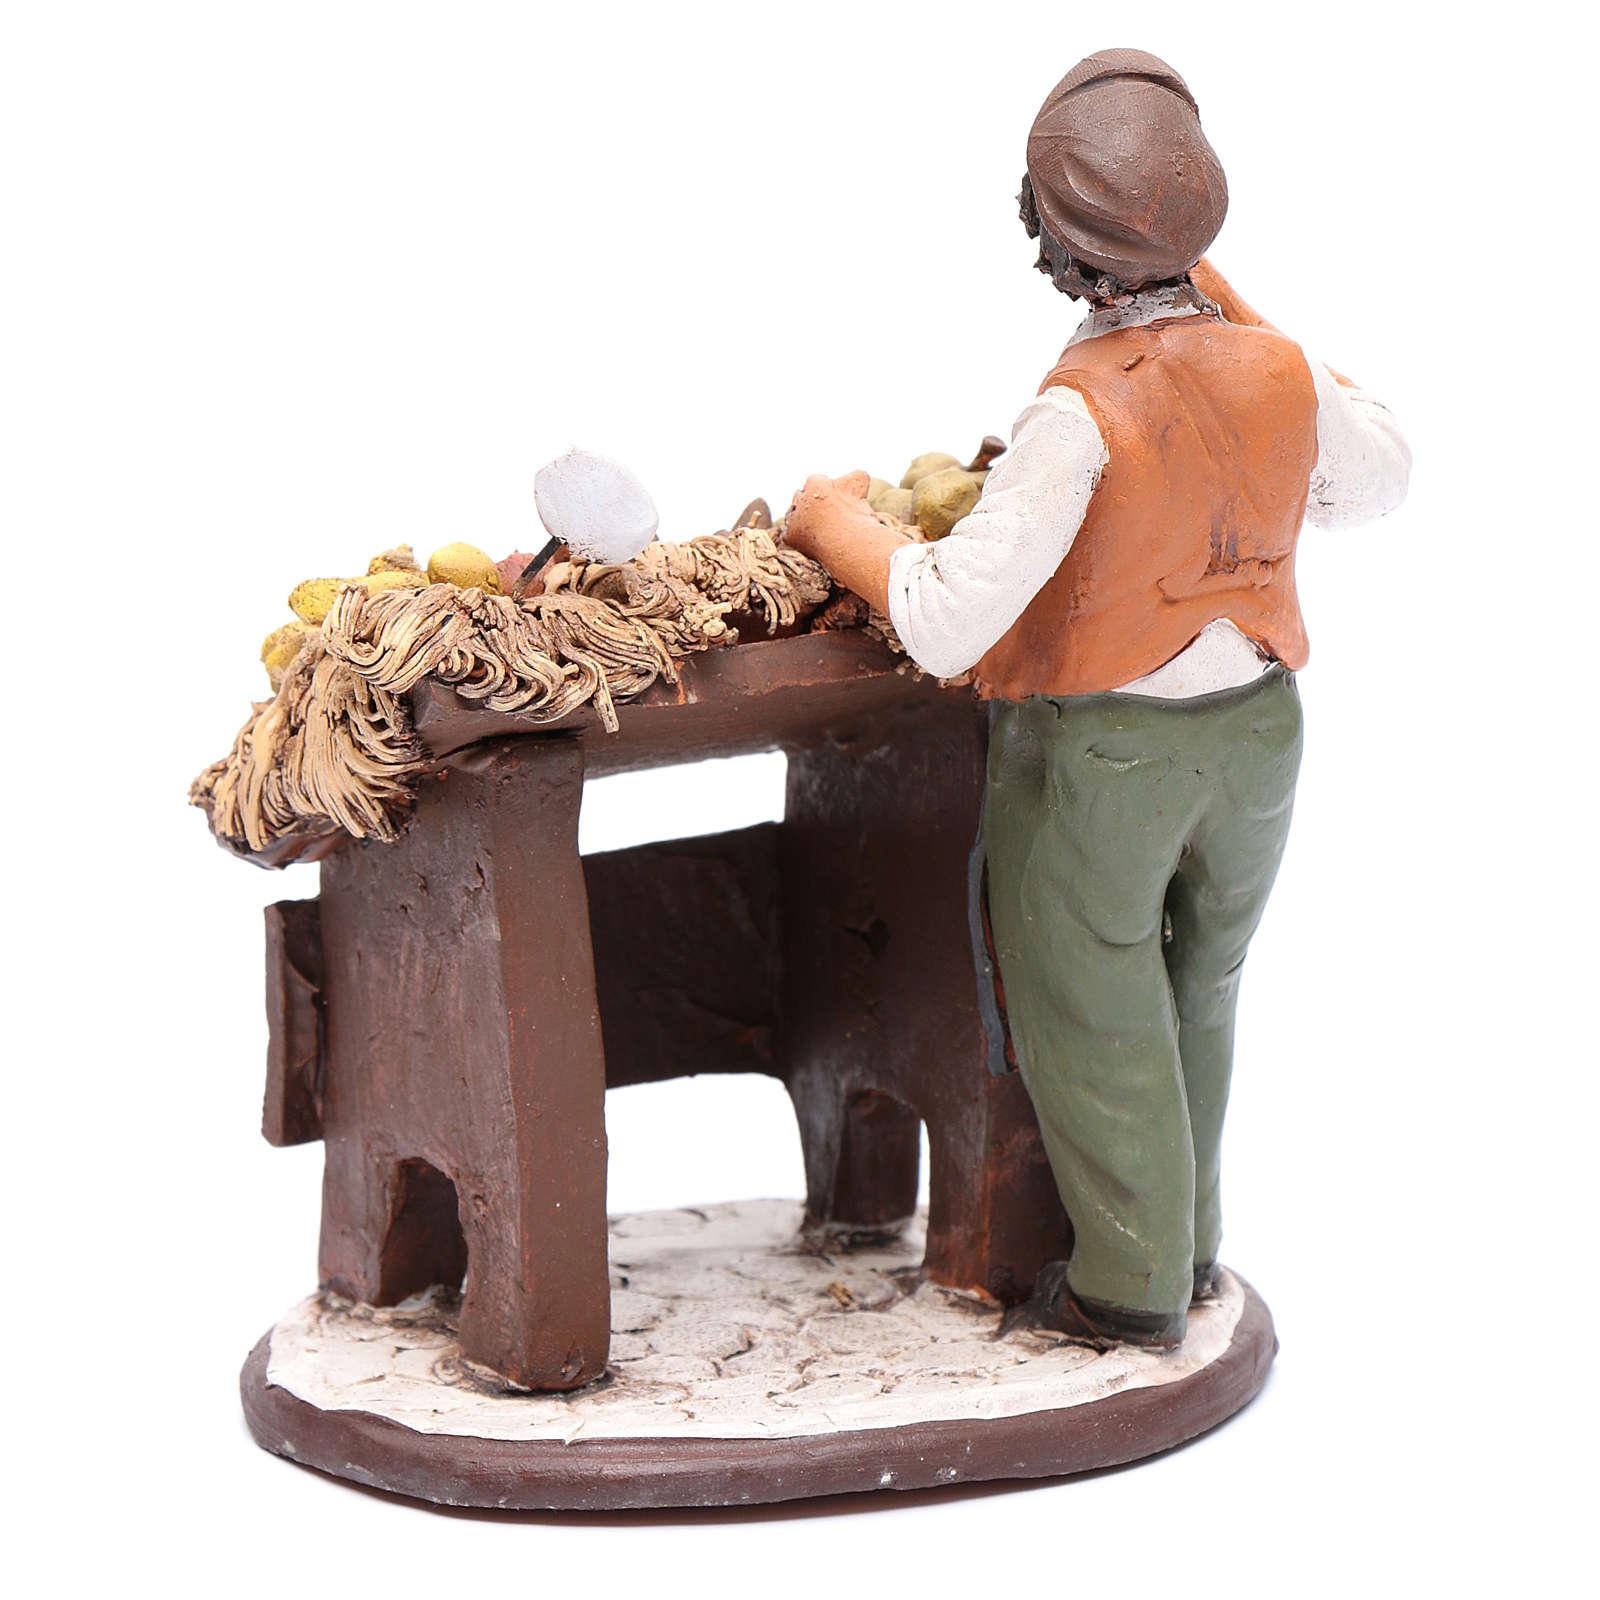 Uomo con banco frutta presepe Deruta 18 cm in terracotta 4